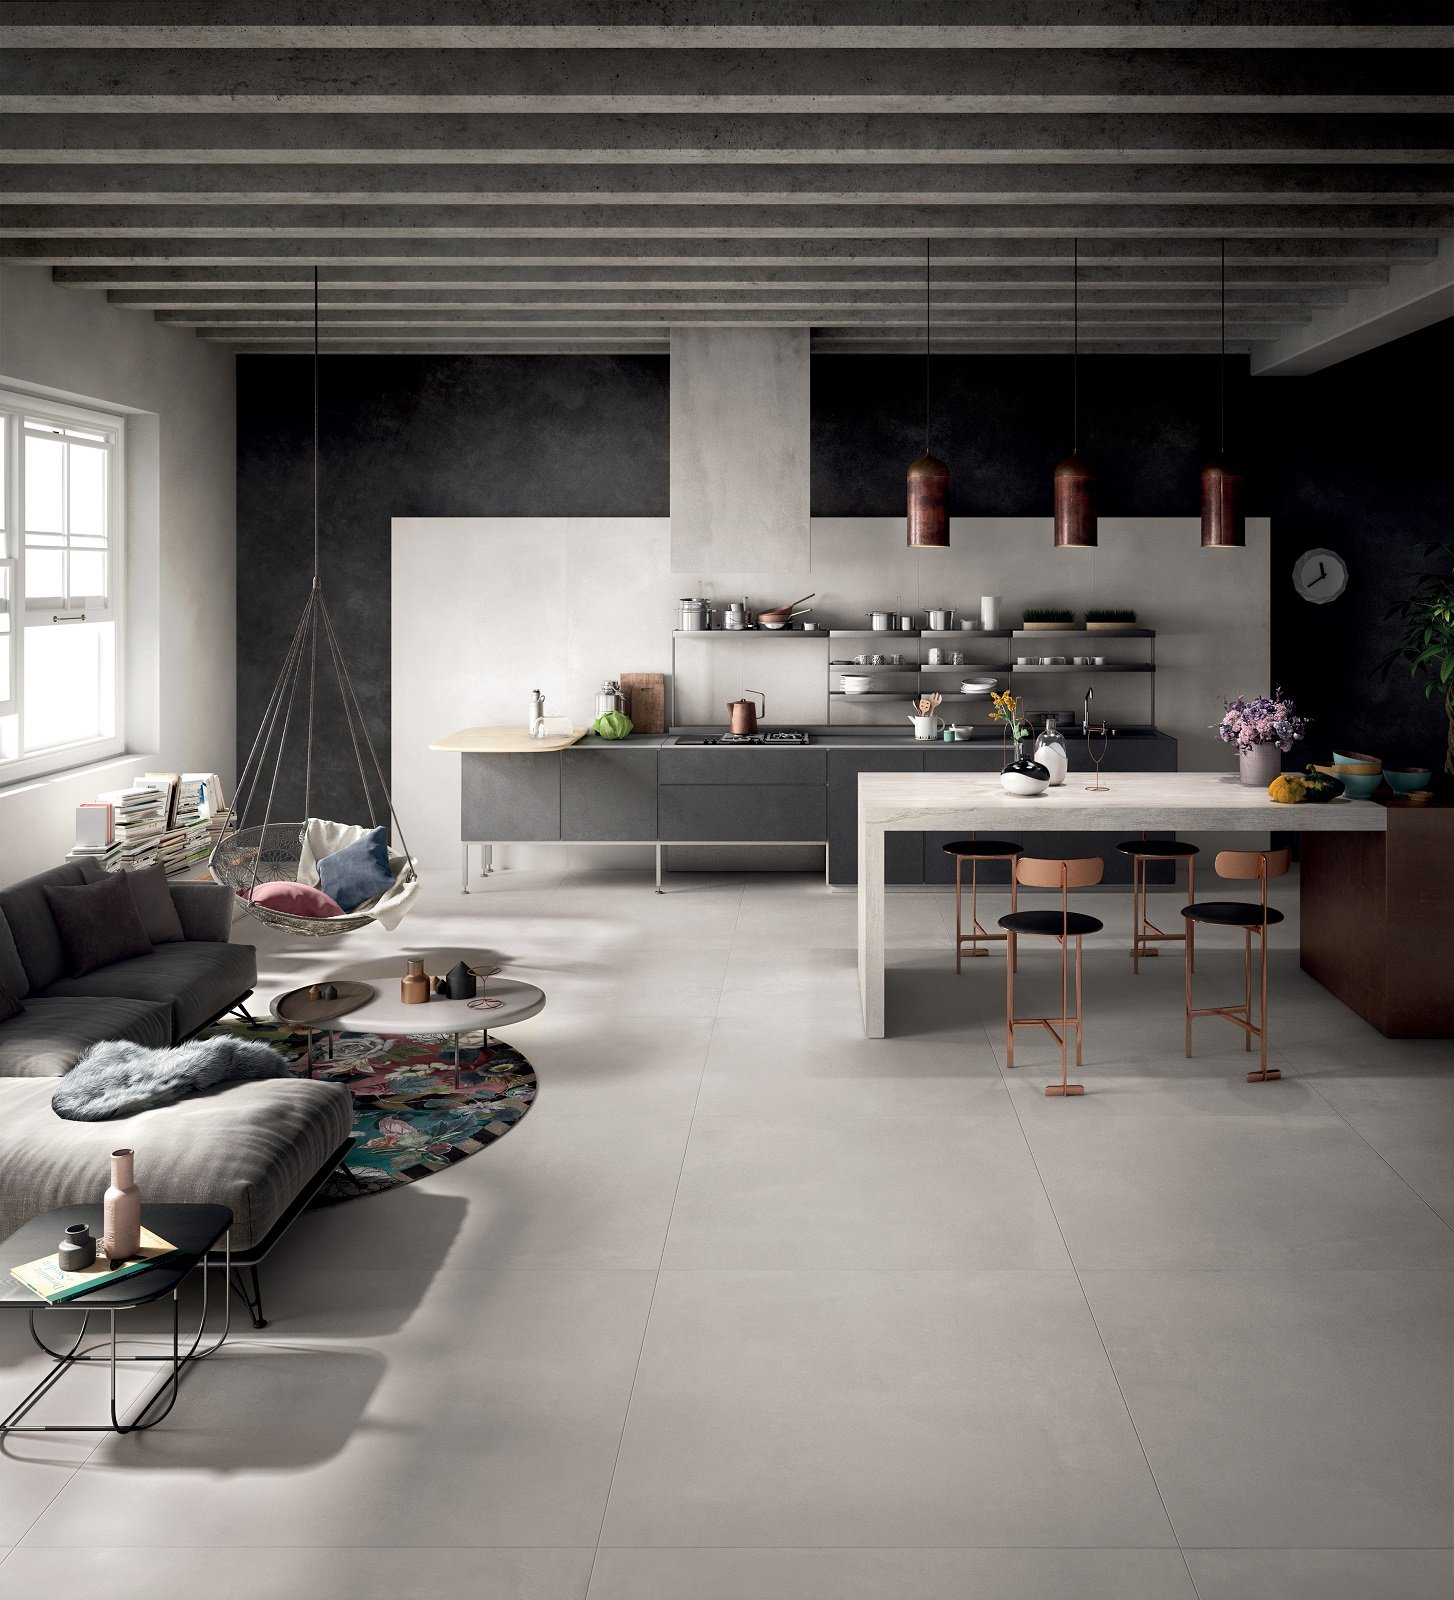 Pavimento In Cemento Prezzi i pavimenti in gres porcellanato con effetto cemento hanno